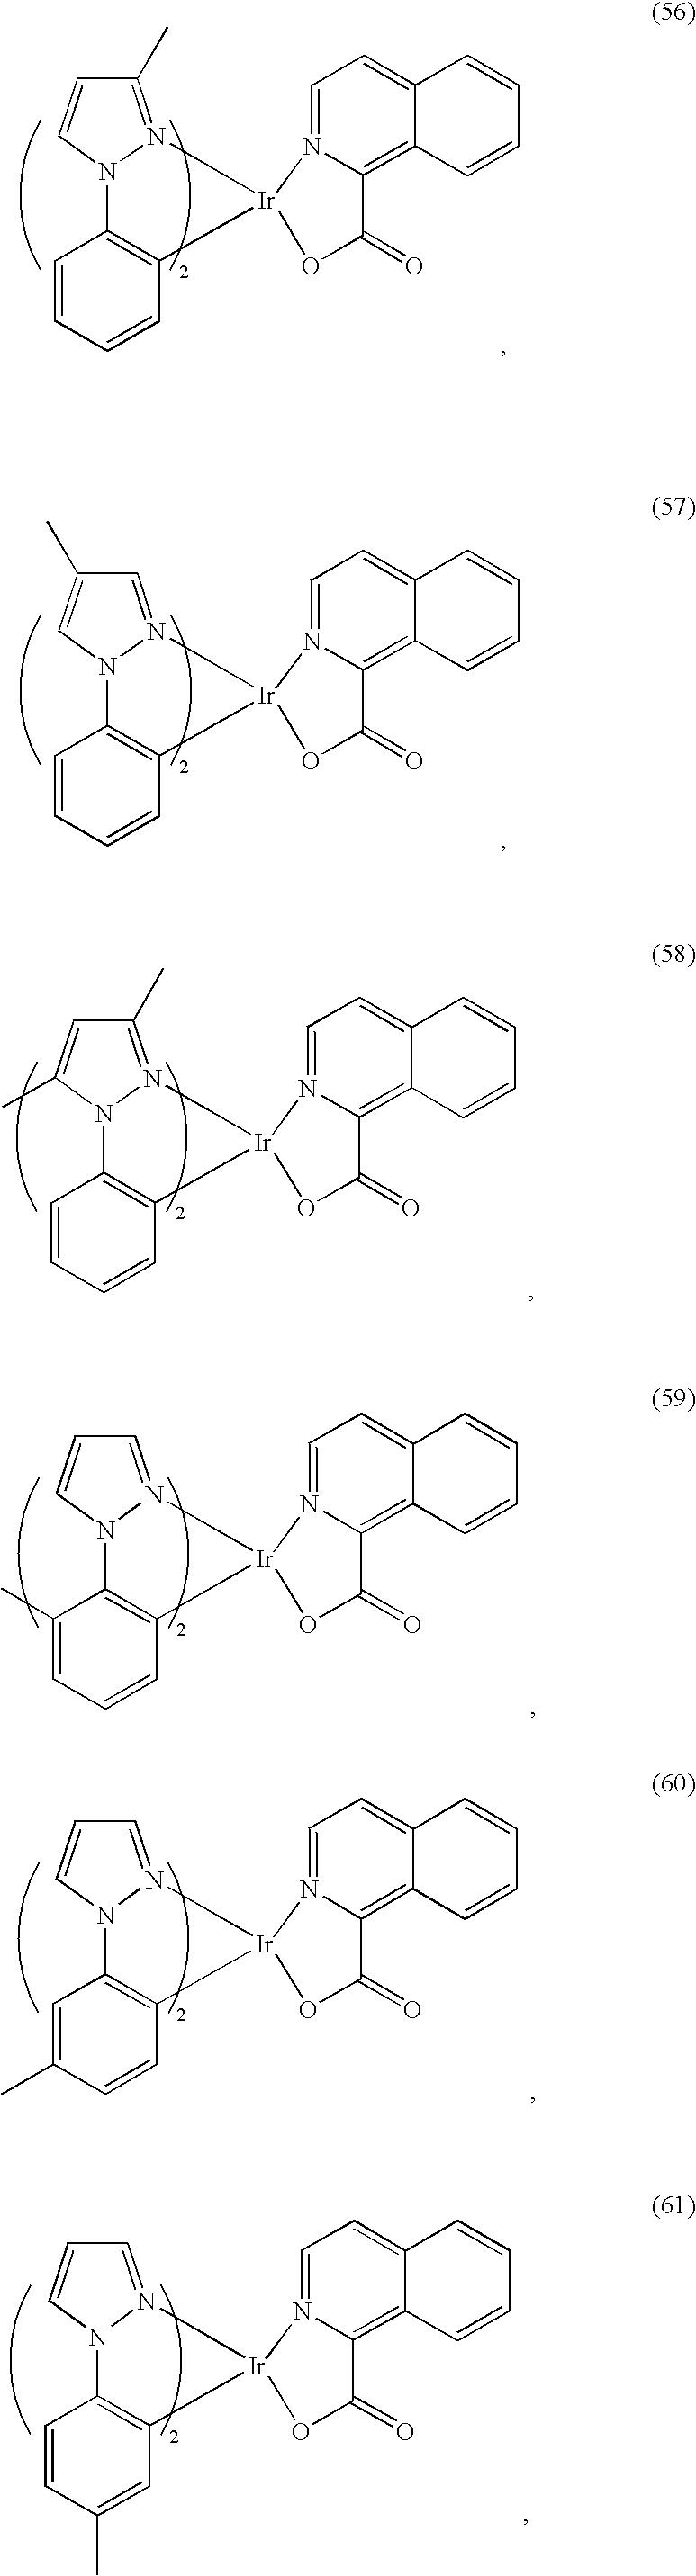 Figure US20050031903A1-20050210-C00025